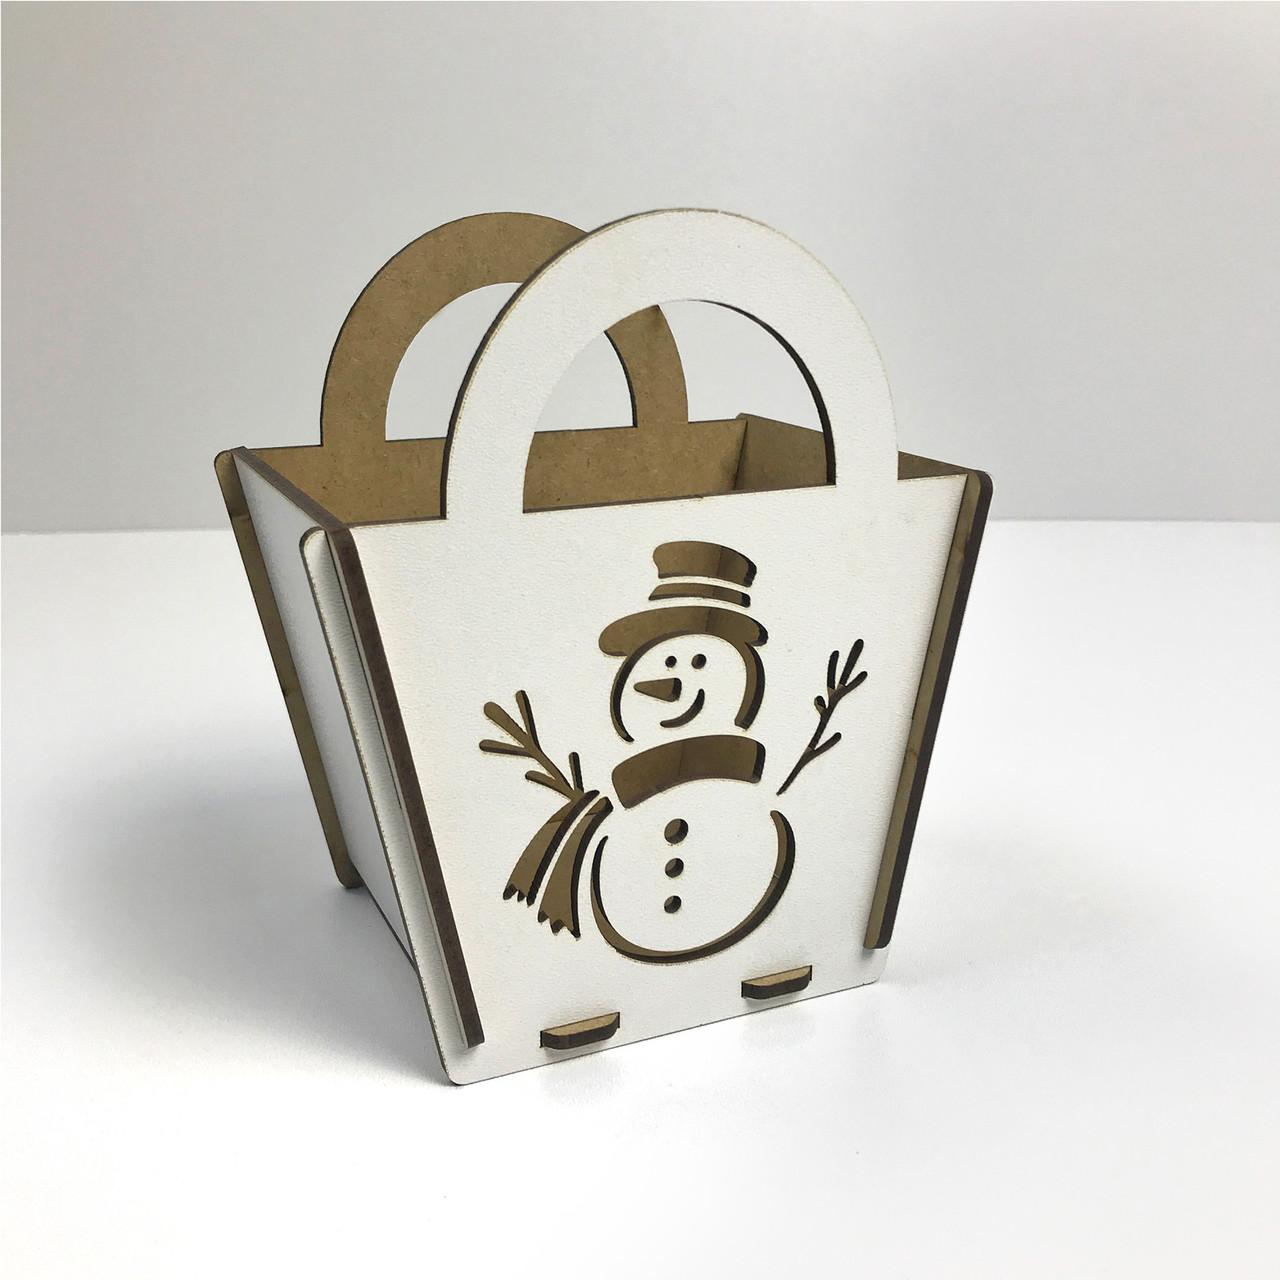 """Сувенир деревяный Коробка для сладостей """"Снеговик"""", с ручками, 12,5*8,5*15 см, НГД-07"""